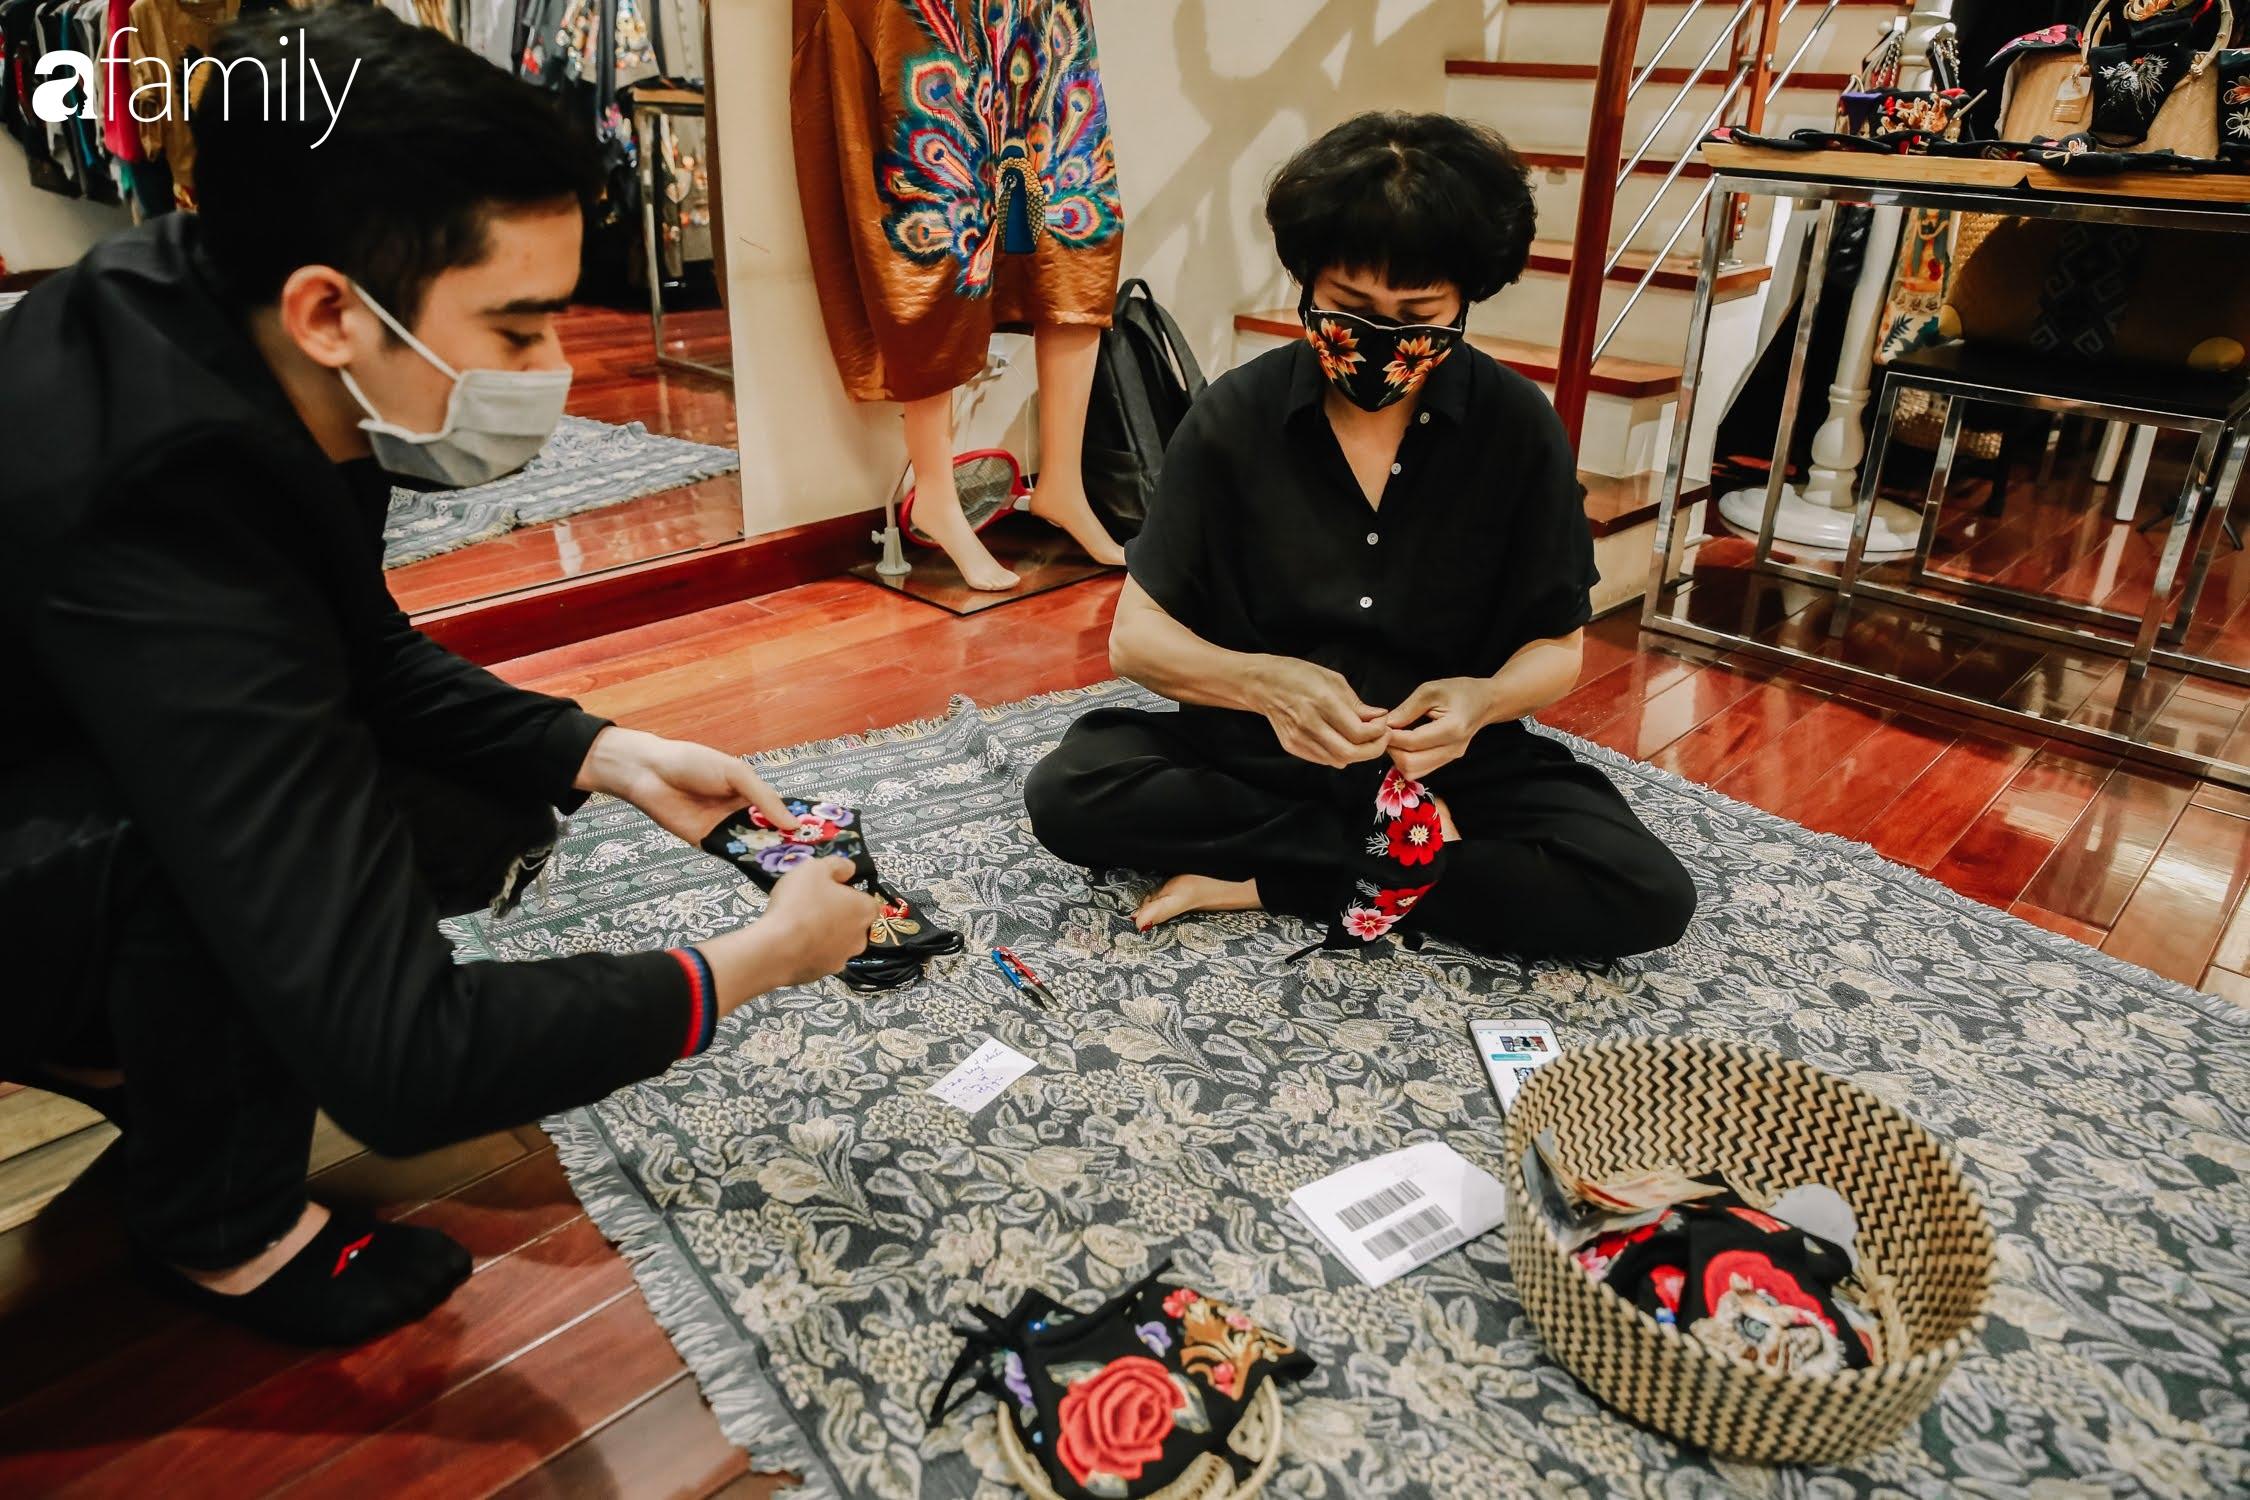 Người phụ nữ làm ra chiếc khẩu trang giá nửa triệu đồng và công cuộc đưa văn hóa thêu thùa ra toàn thế giới, từ ý tưởng ai cũng cho là điên rồ đến sản lượng cao ngỡ ngàng từ khách hàng quốc tế  - Ảnh 8.